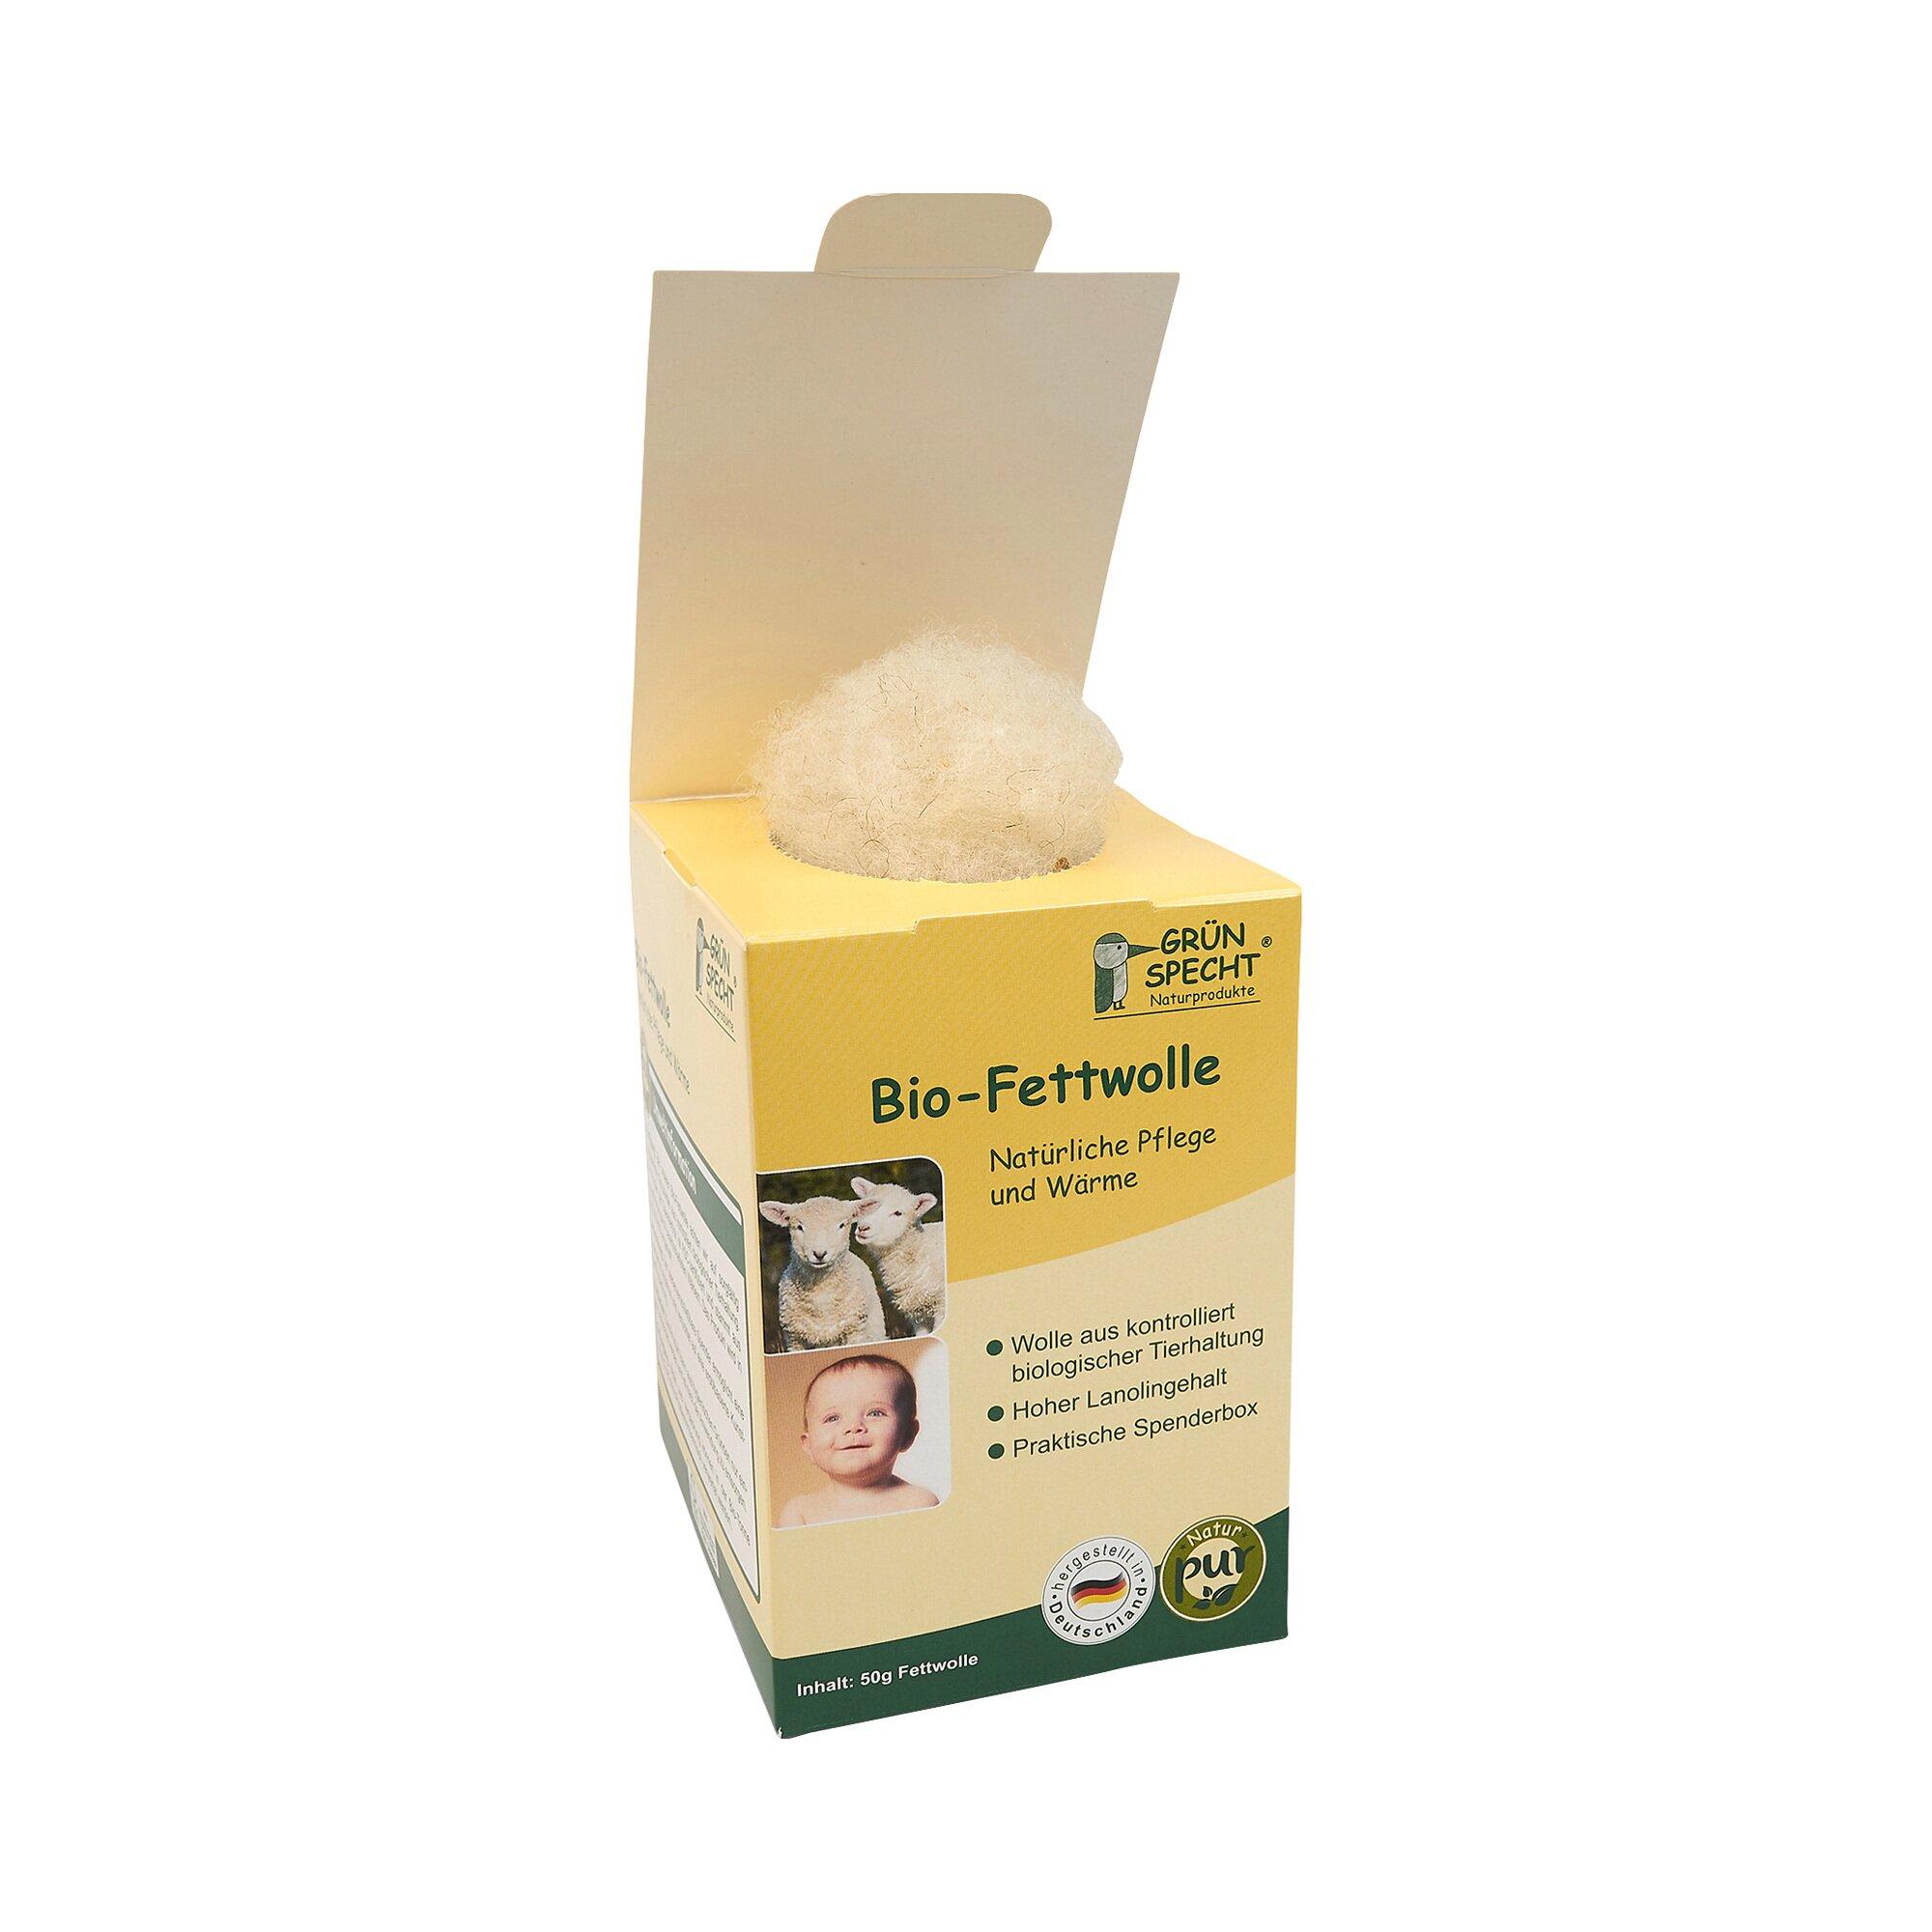 Grünspecht Bio-Fettwolle, 50g